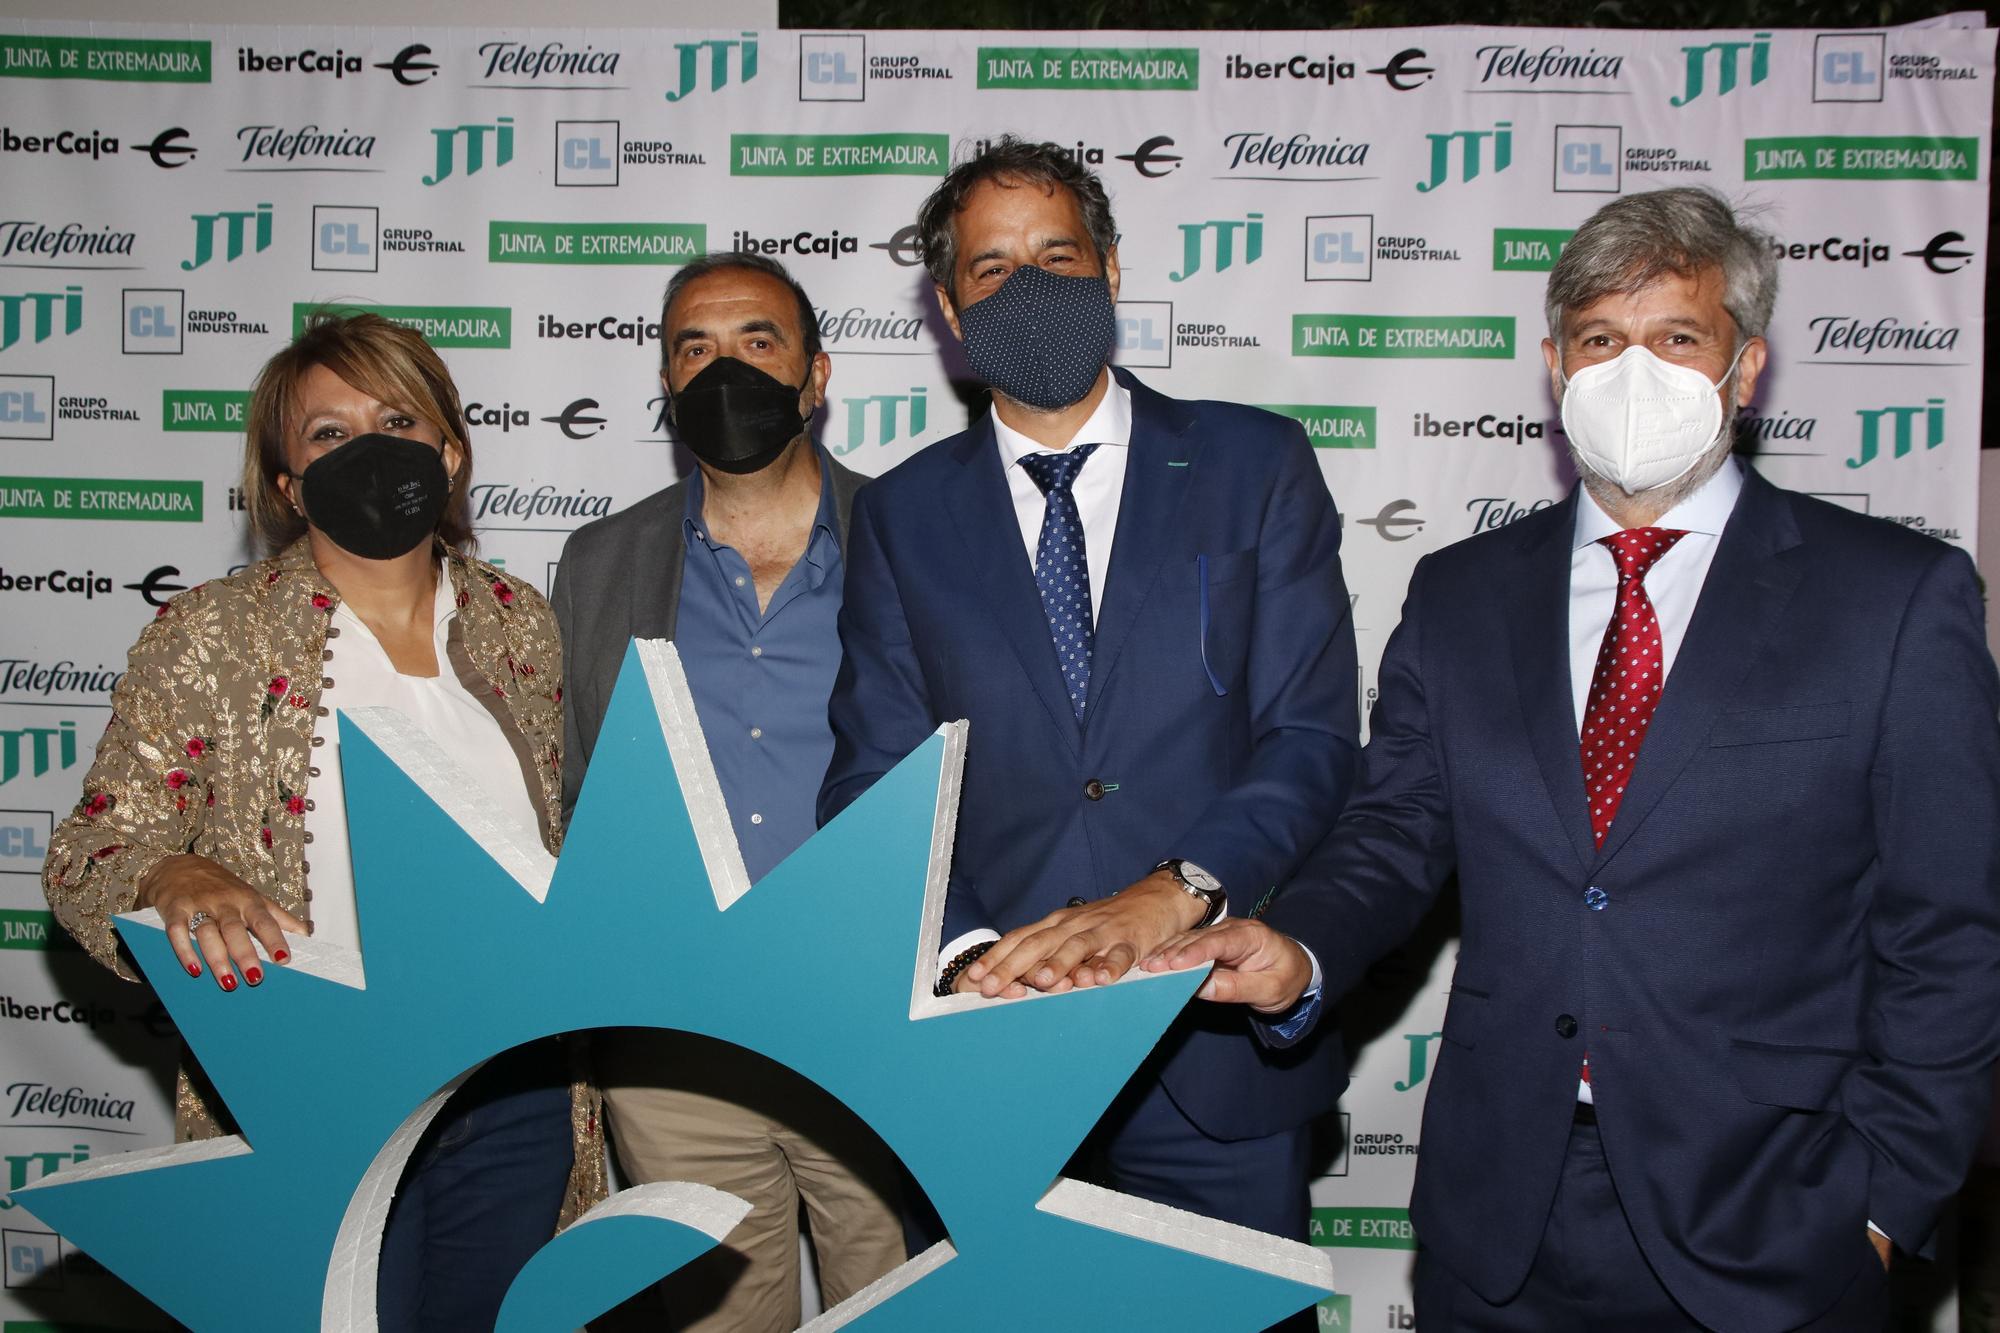 Premios Empresario Extreme�o 2021 42.jpg